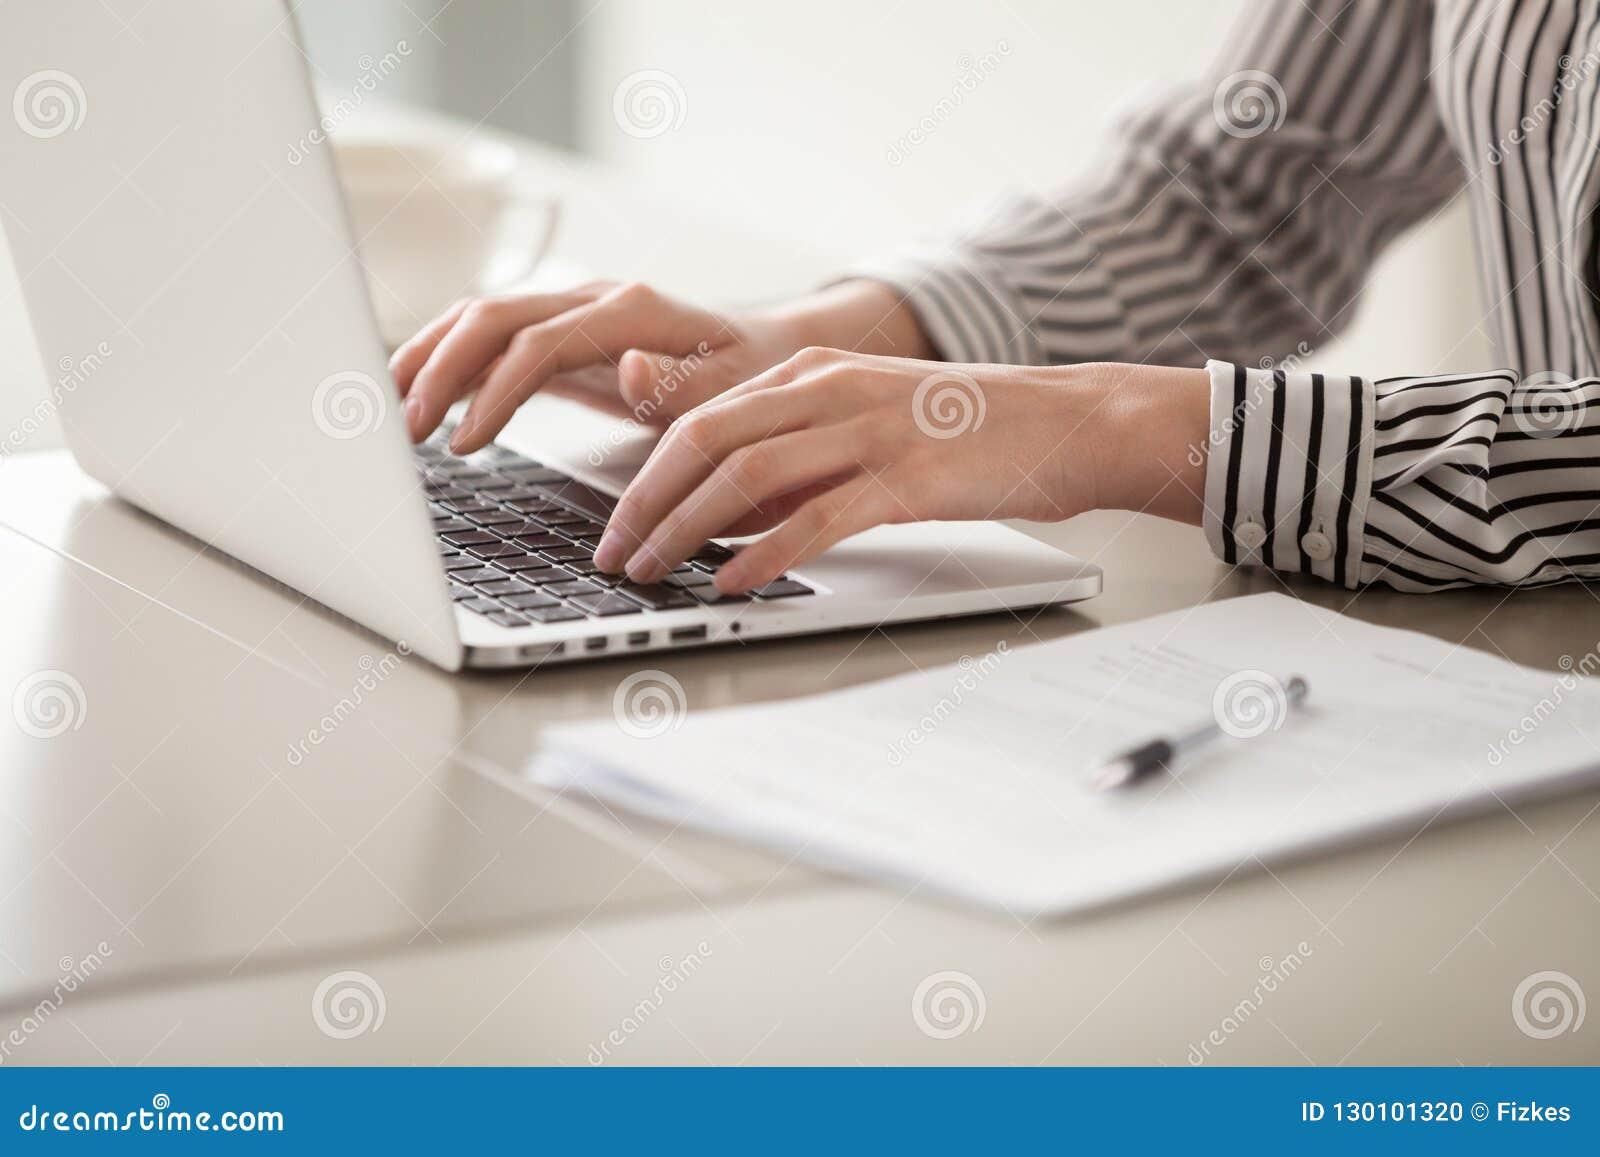 Onderneemster die aan laptop, vrouwelijke handen werken die op toetsenbord typen